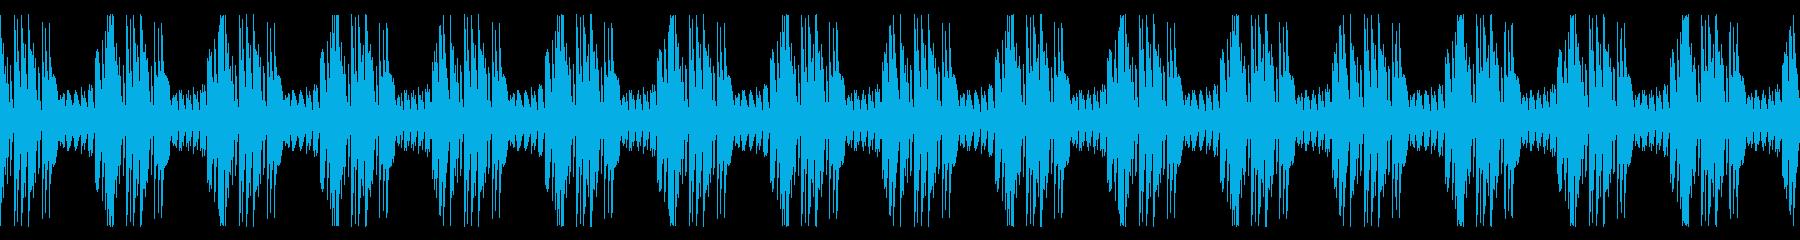 ウキウキするクラシック【マリンバver】の再生済みの波形